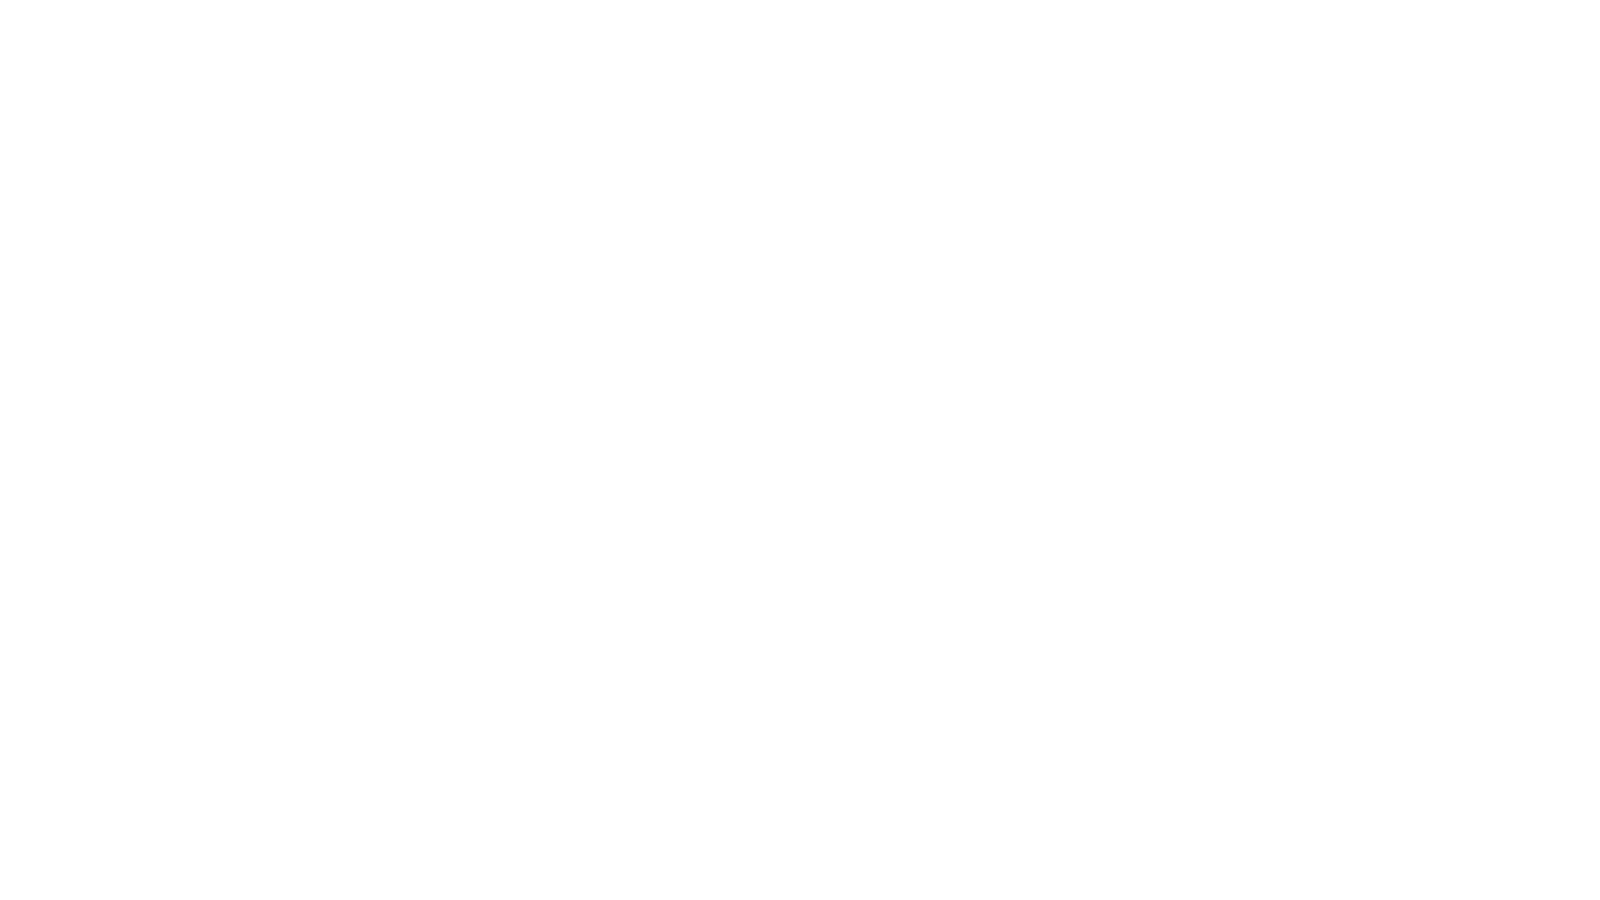 25 APRILE 2021 - Parte III – Riaffermare lo Stato di diritto nell'Unione europea. Sovranismo, populismo, negazione dei principi dello Stato di Diritto e dei diritti individuali minano il comune patrimonio democratico europeo. Oggi come allora siamo chiamati a combattere ogni tentativo di indebolire e demolire la nostra casa comune, che è l'Unione europea. Elisabetta Gualmini Daniele Valbonesi